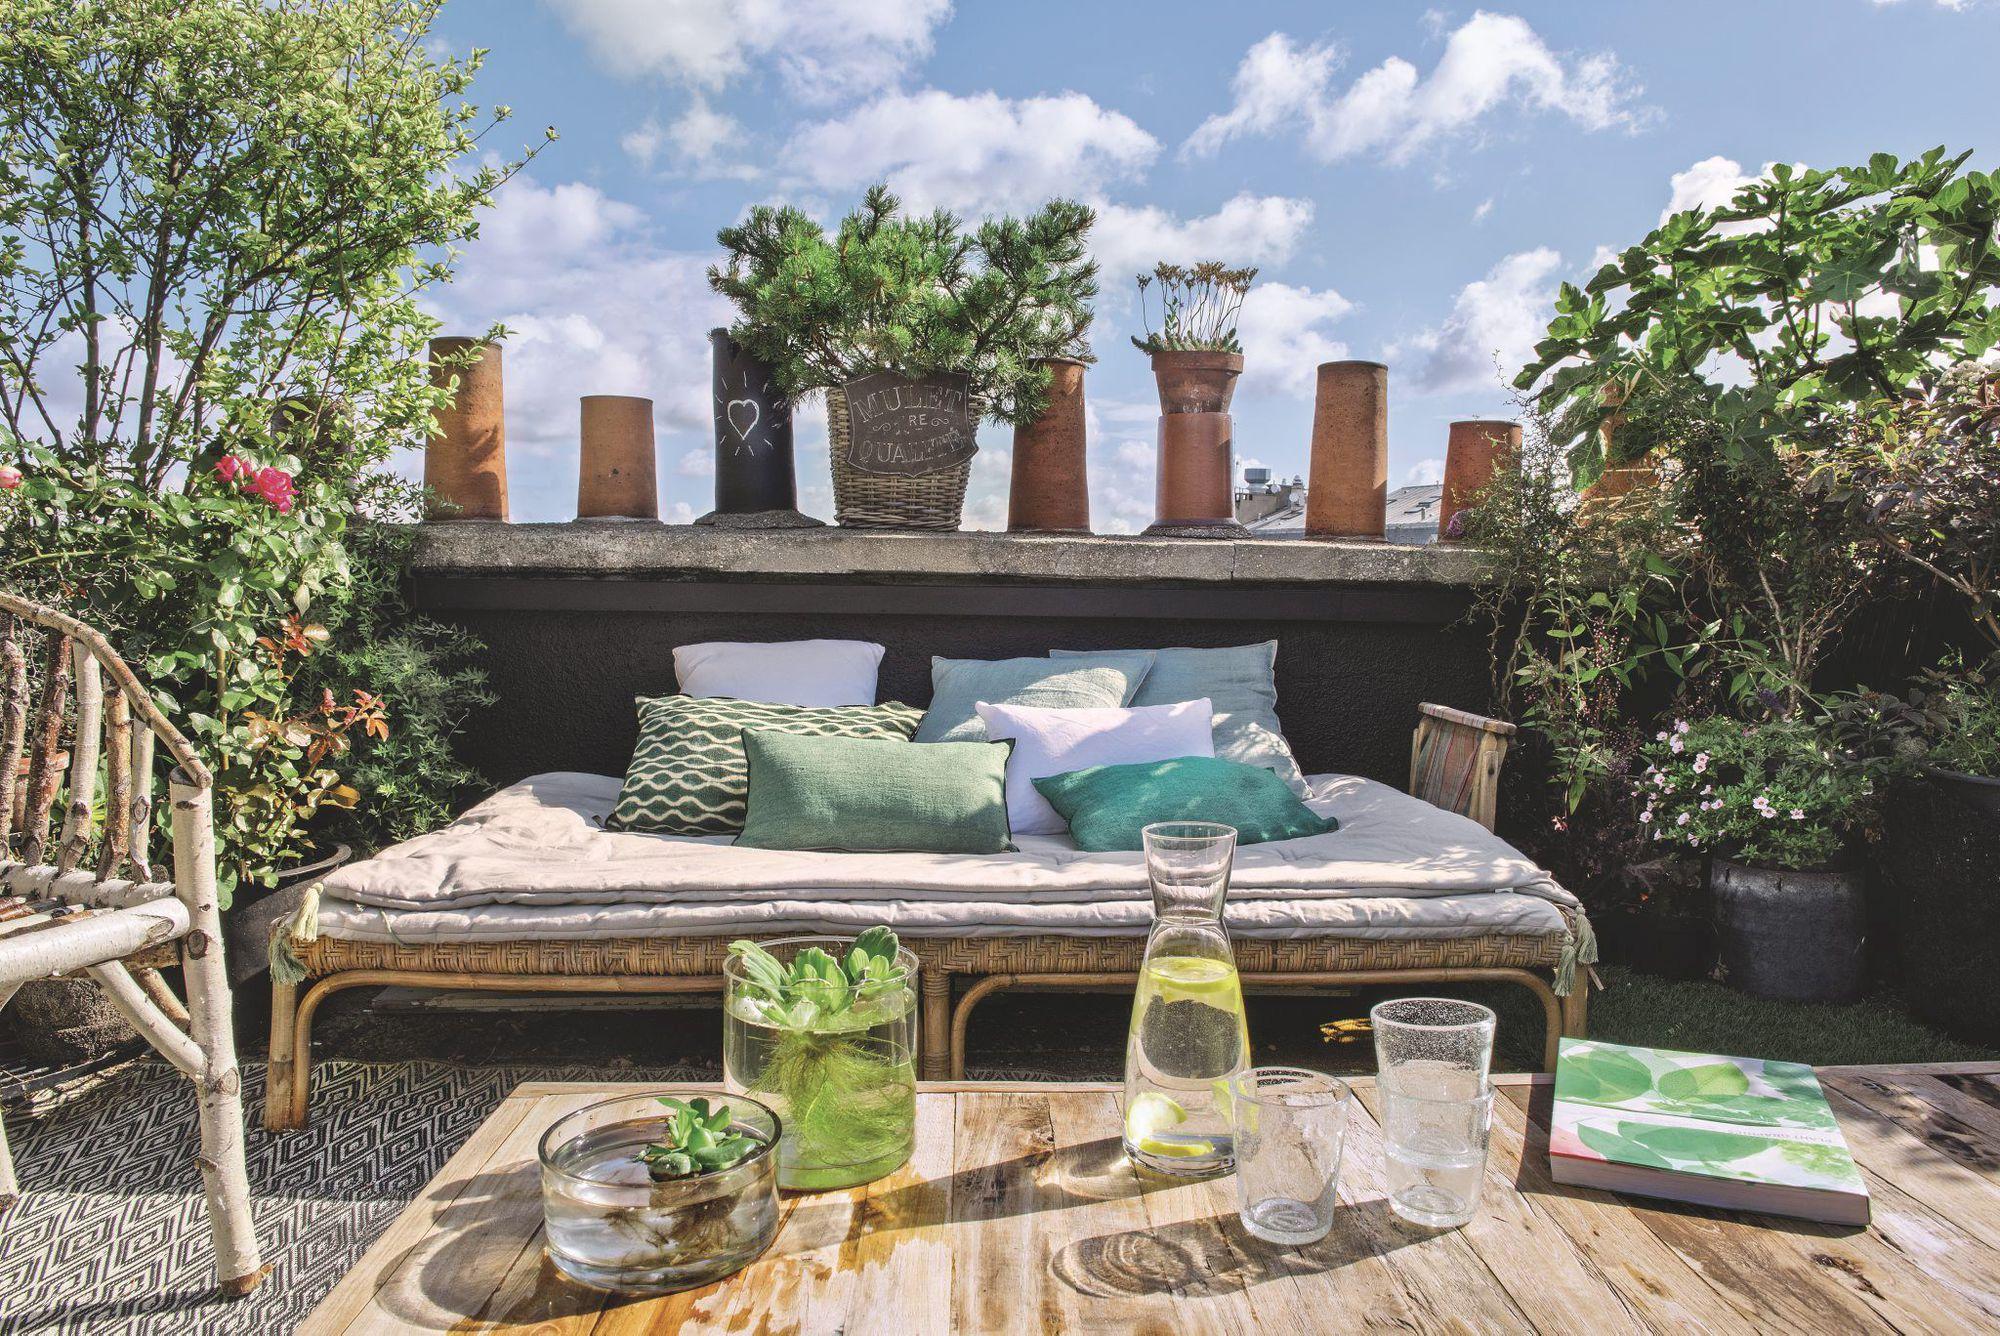 banc-lit-exterieur-sur-grand-balcon-parisien-fleuri_5583889.jpg